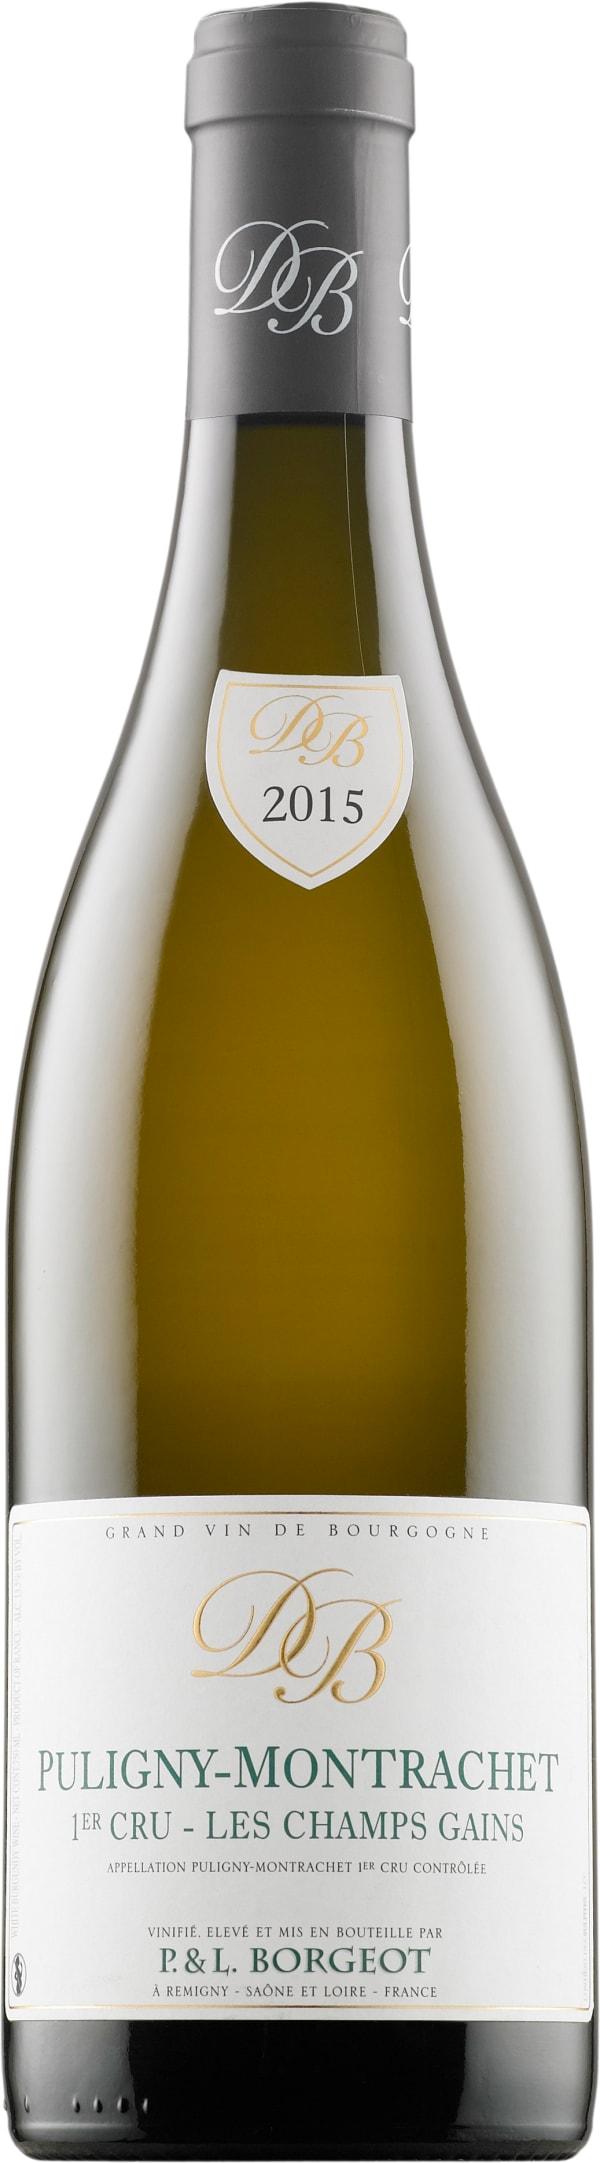 Borgeot Puligny-Montrachet 1er Cru Les Champs Gains 2015